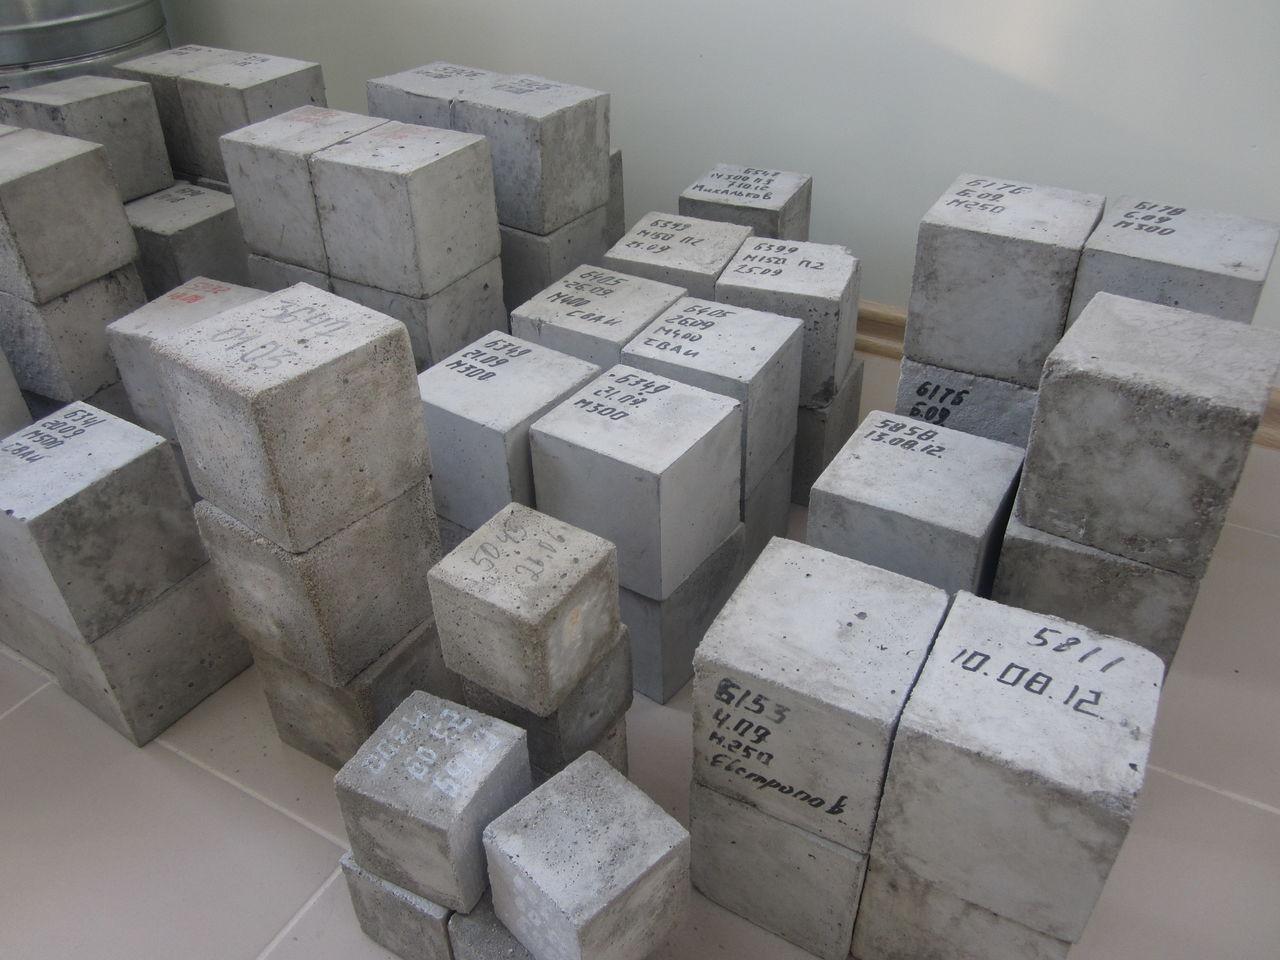 лаборатории испытания бетона москва